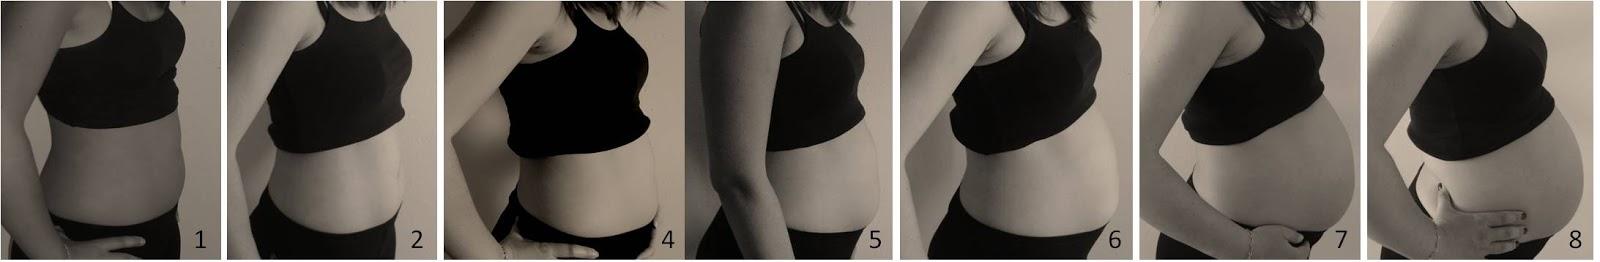 Préférence Maman chercheuse, maman testeuse: La grossesse mois après mois TY45